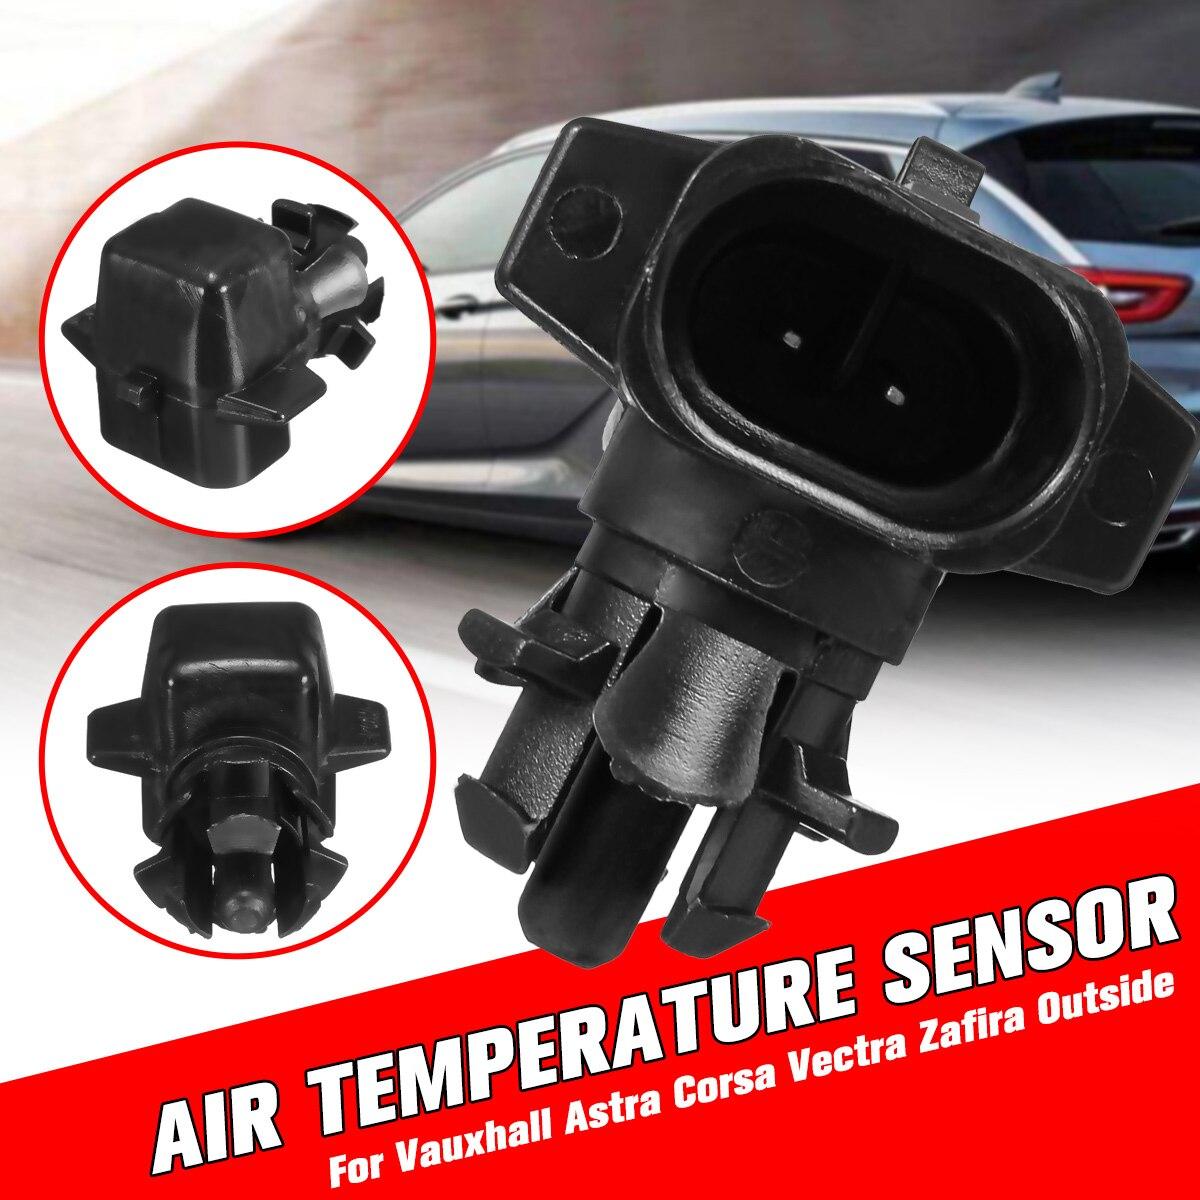 Impacto TS19930 Anti-Fatigue Thermo Glove Black